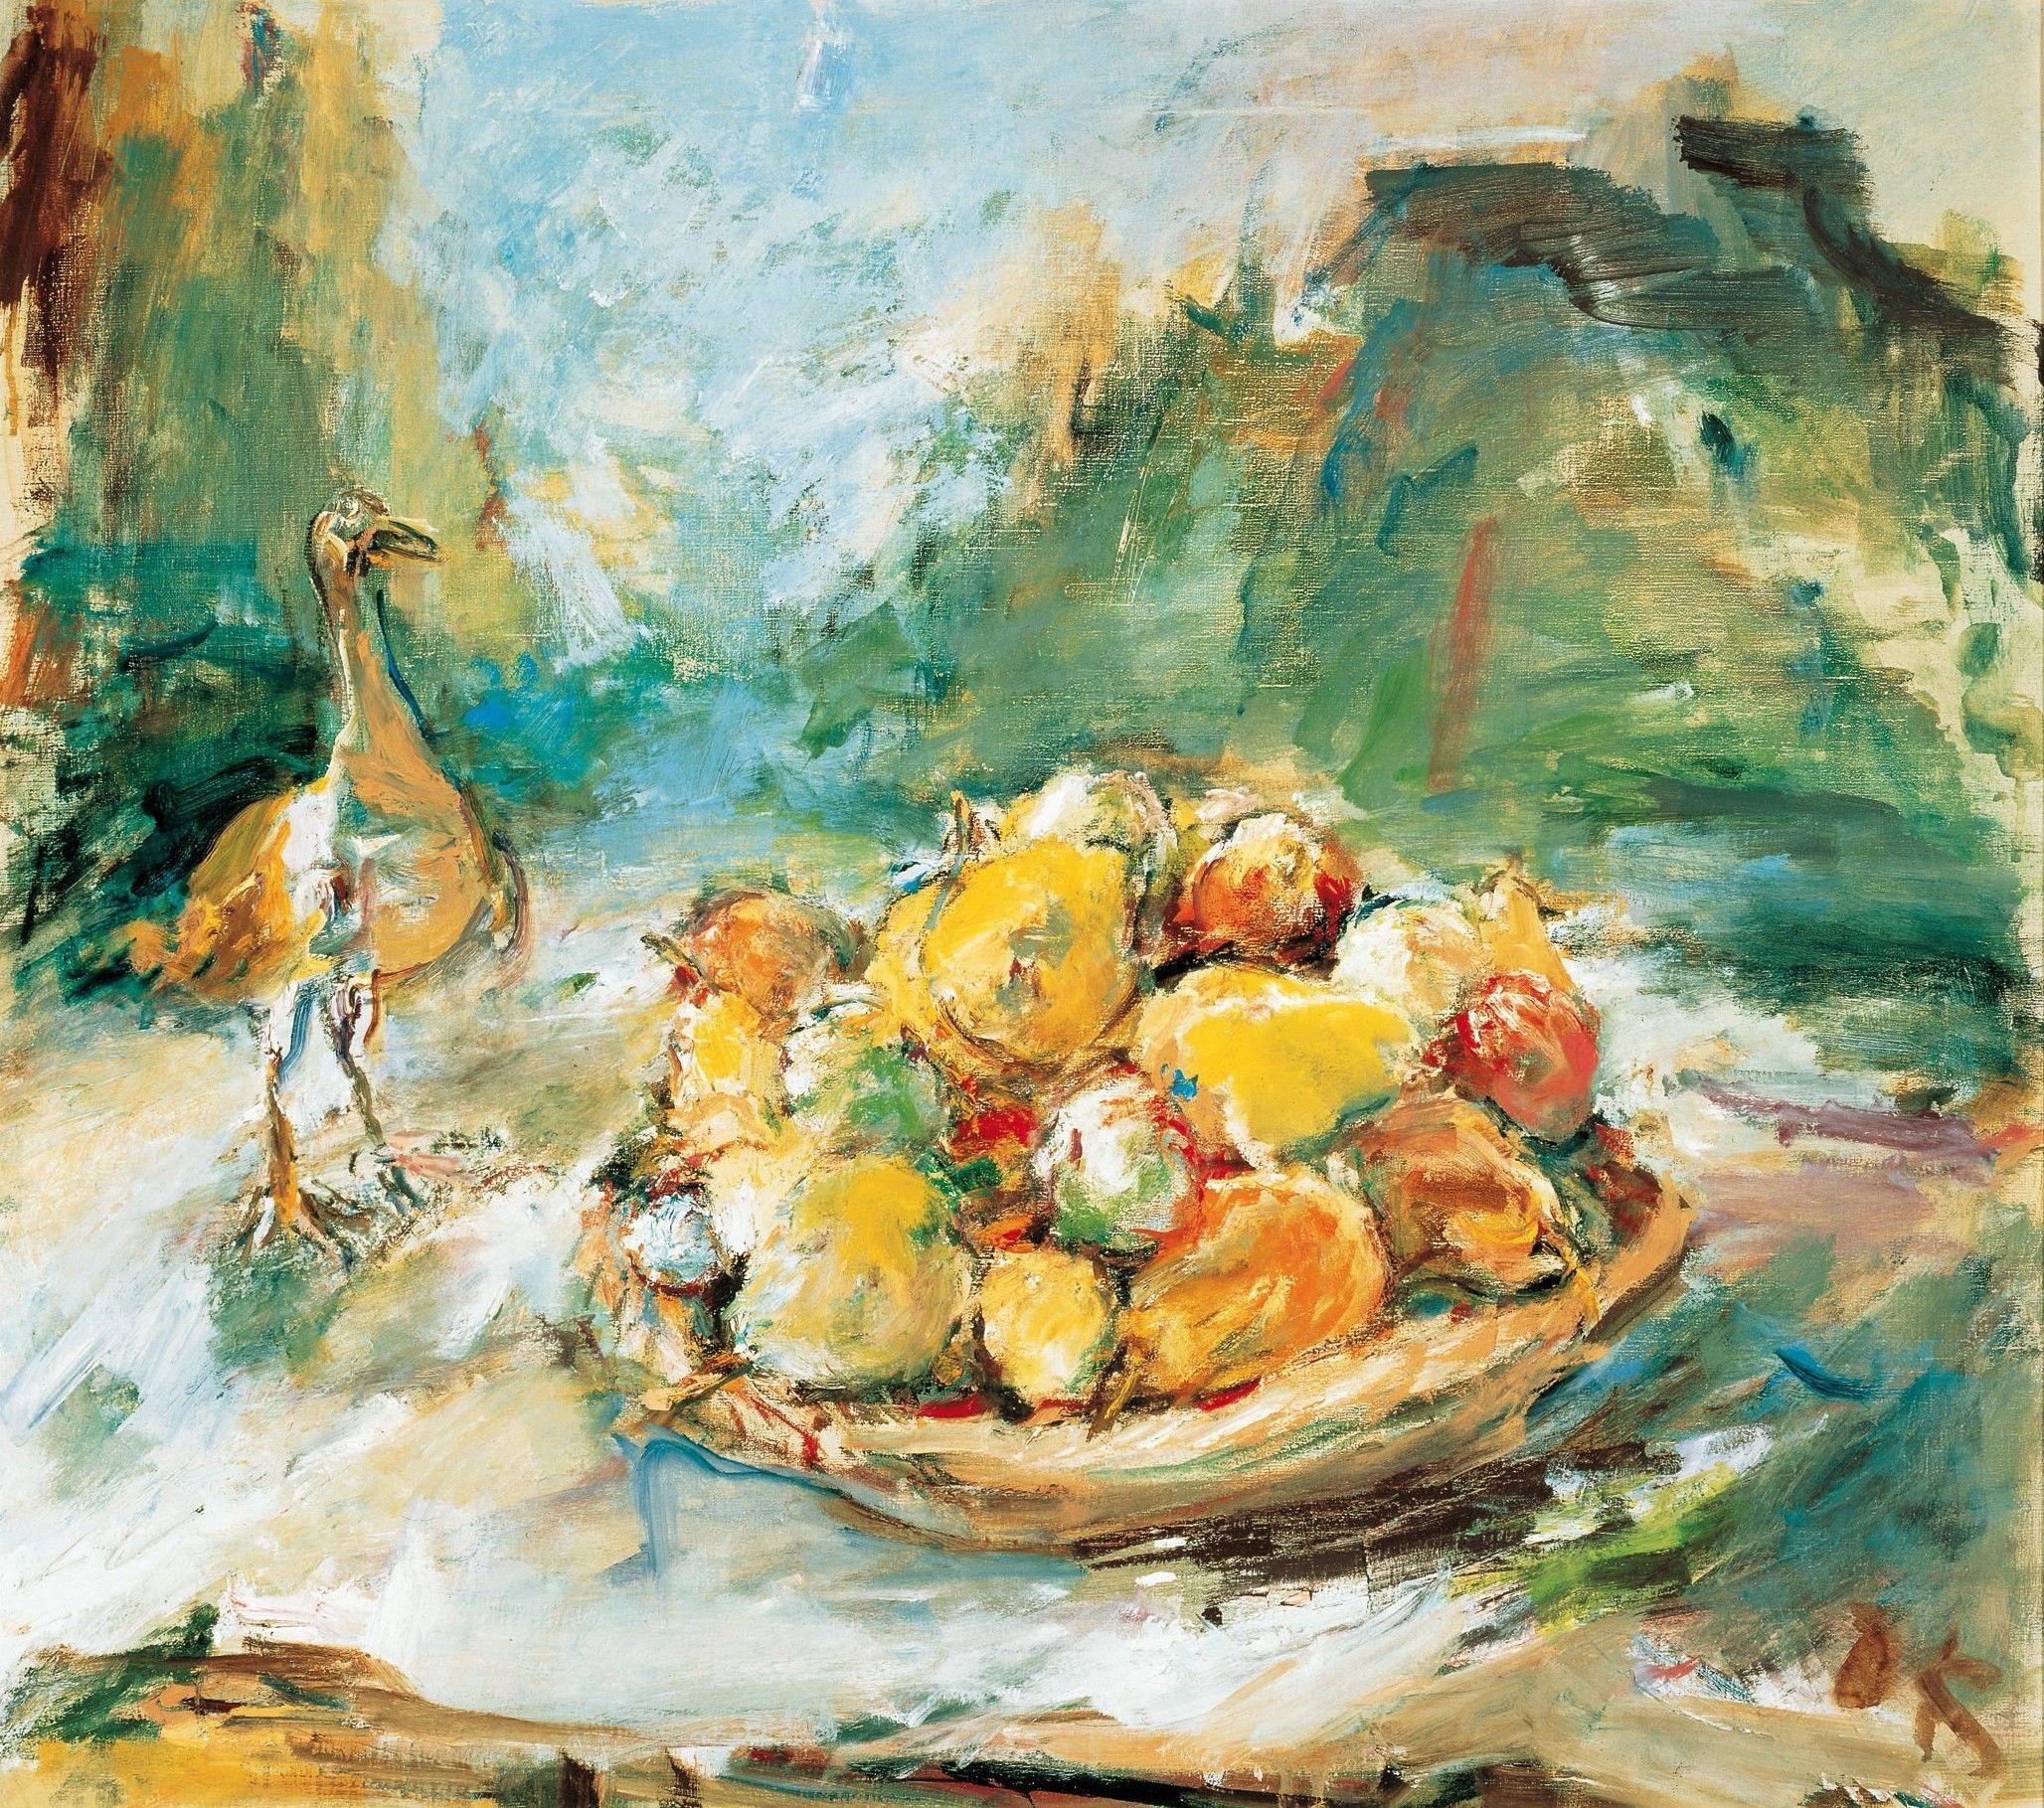 Oskar Kokoschka | Stillleben mit Früchten und Vogel - Still Life with Fruit and Bird | 1964, © Albertina, Wien